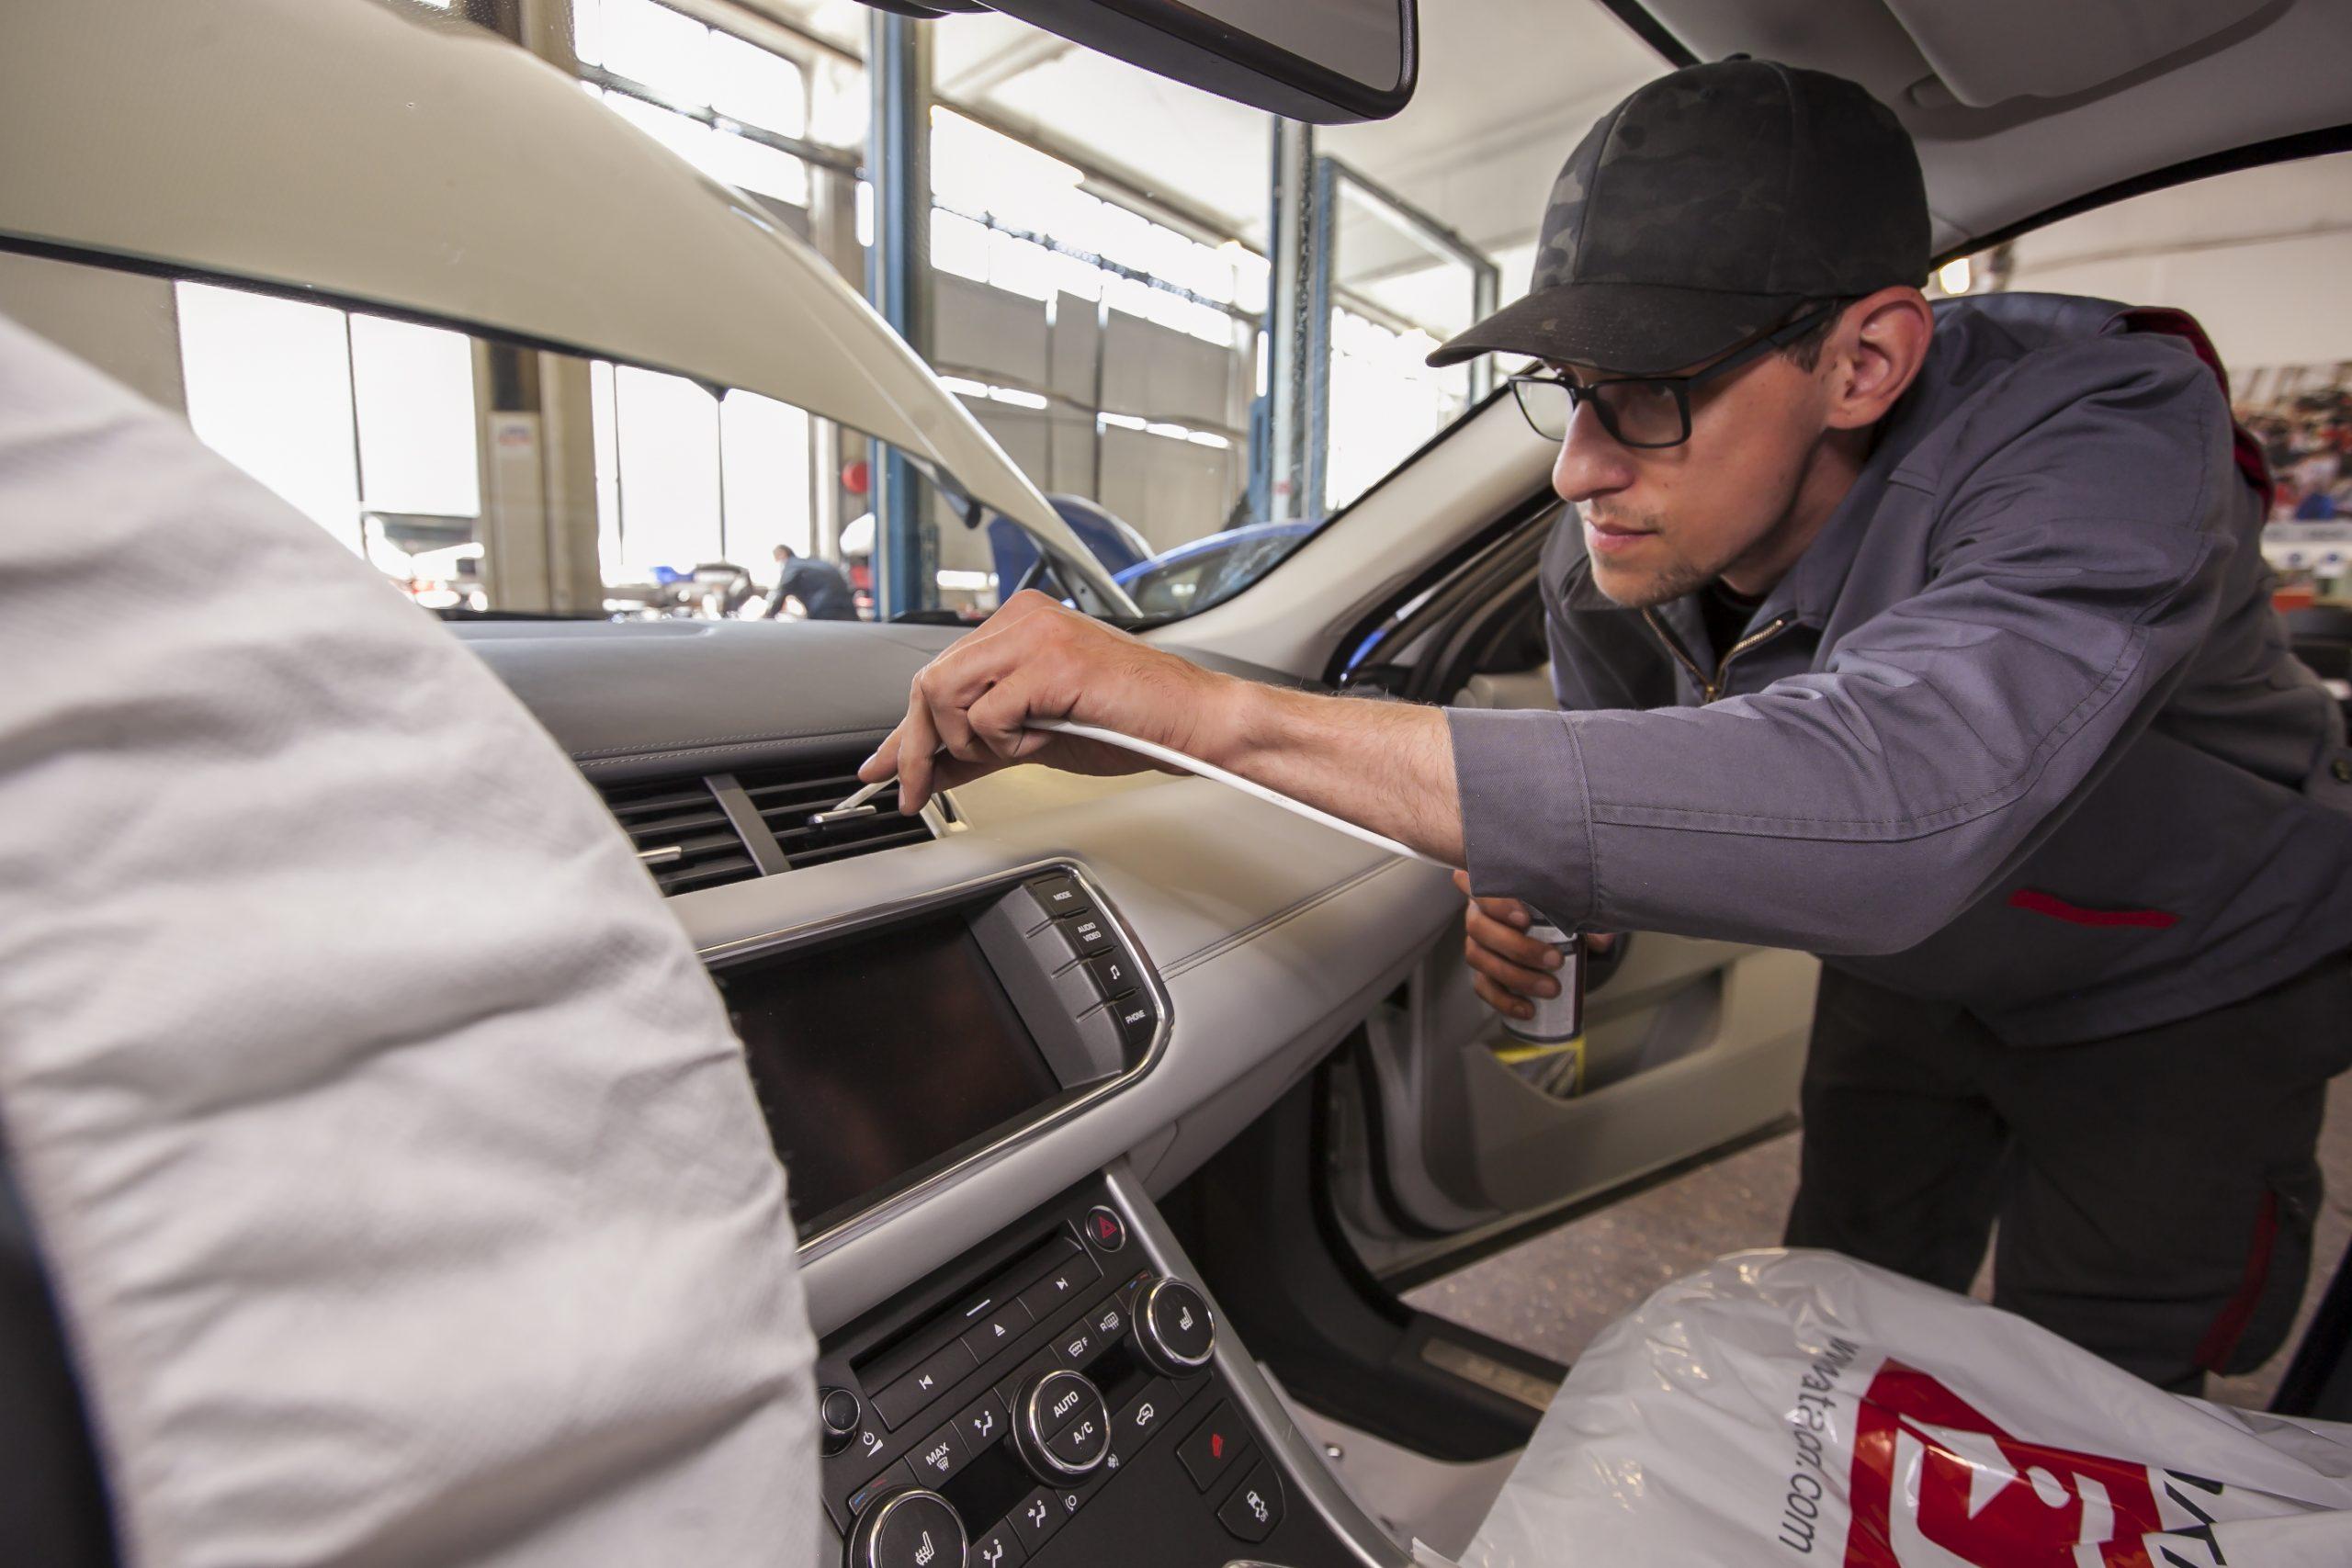 Auto Stahl Automobiles Service Klimaanlagenservice mit Desinfektion und Pollenfiltertausch